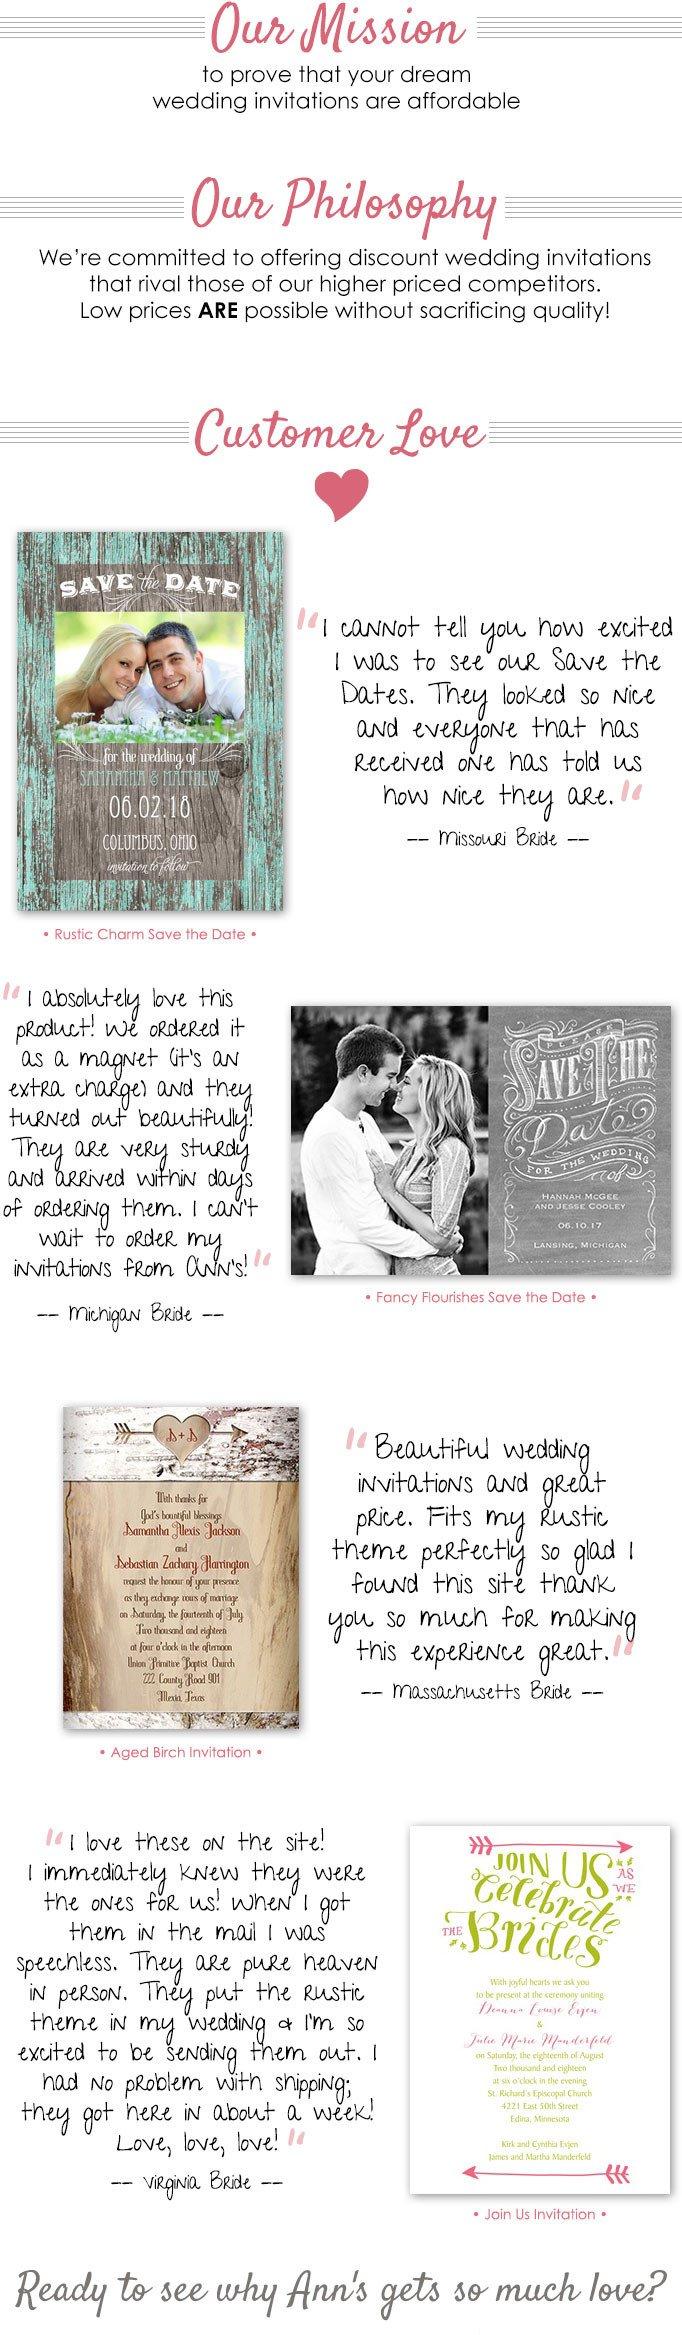 About Ann's Bridal Bargains.